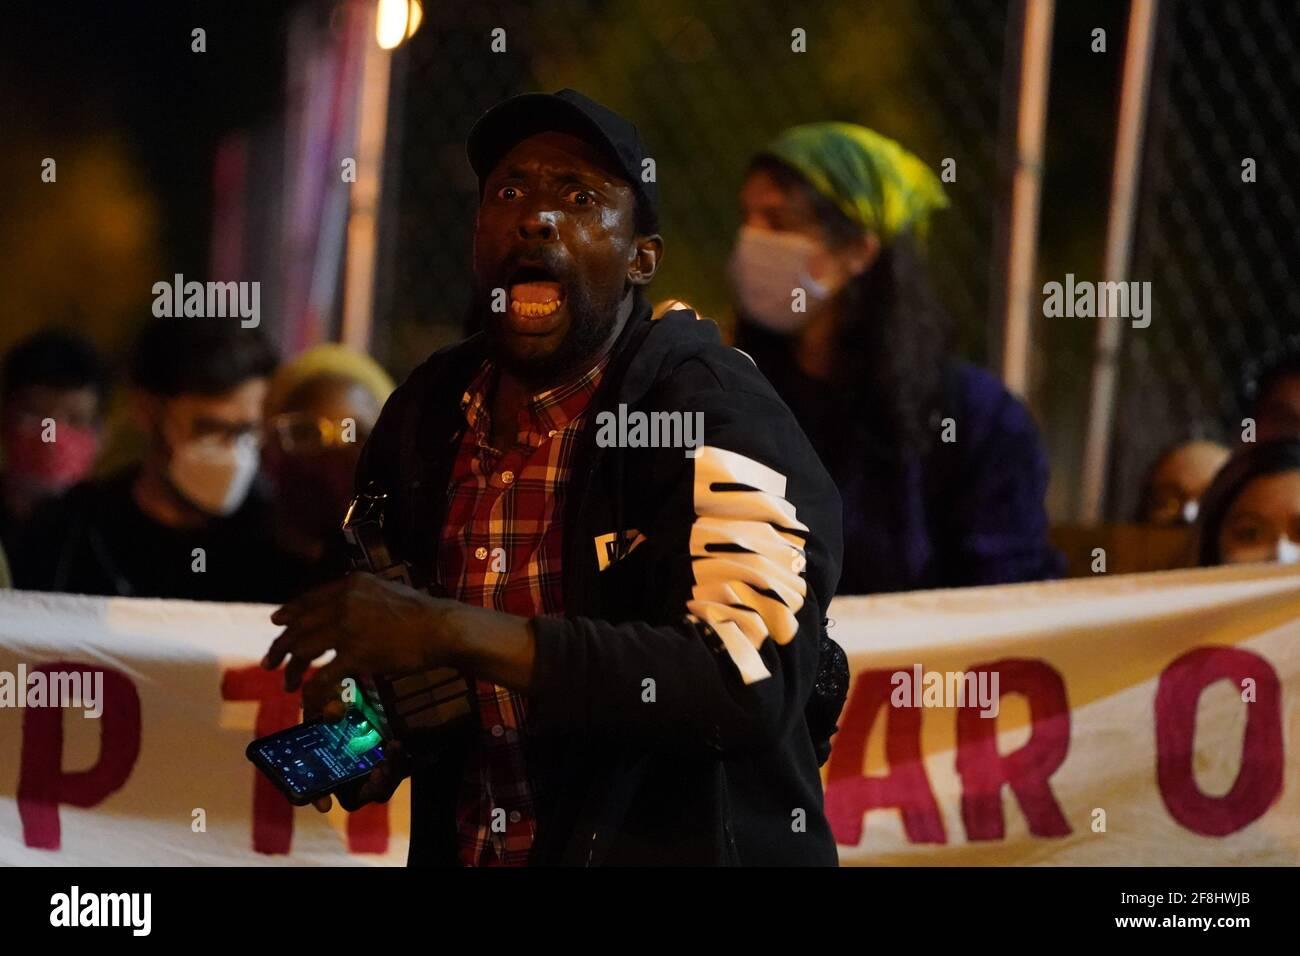 Philadelphia, Stati Uniti. 13 Apr 2021. Un manifestante grida durante una protesta di Justice for Daunte Wright a Philadelphia, USA. Daunte Wright era un uomo nero di 20 anni che fu ucciso e ucciso da un agente di polizia a Brooklyn Center, Minnesota, il 11 aprile. Credit: Chase Sutton/Alamy Live News Foto Stock